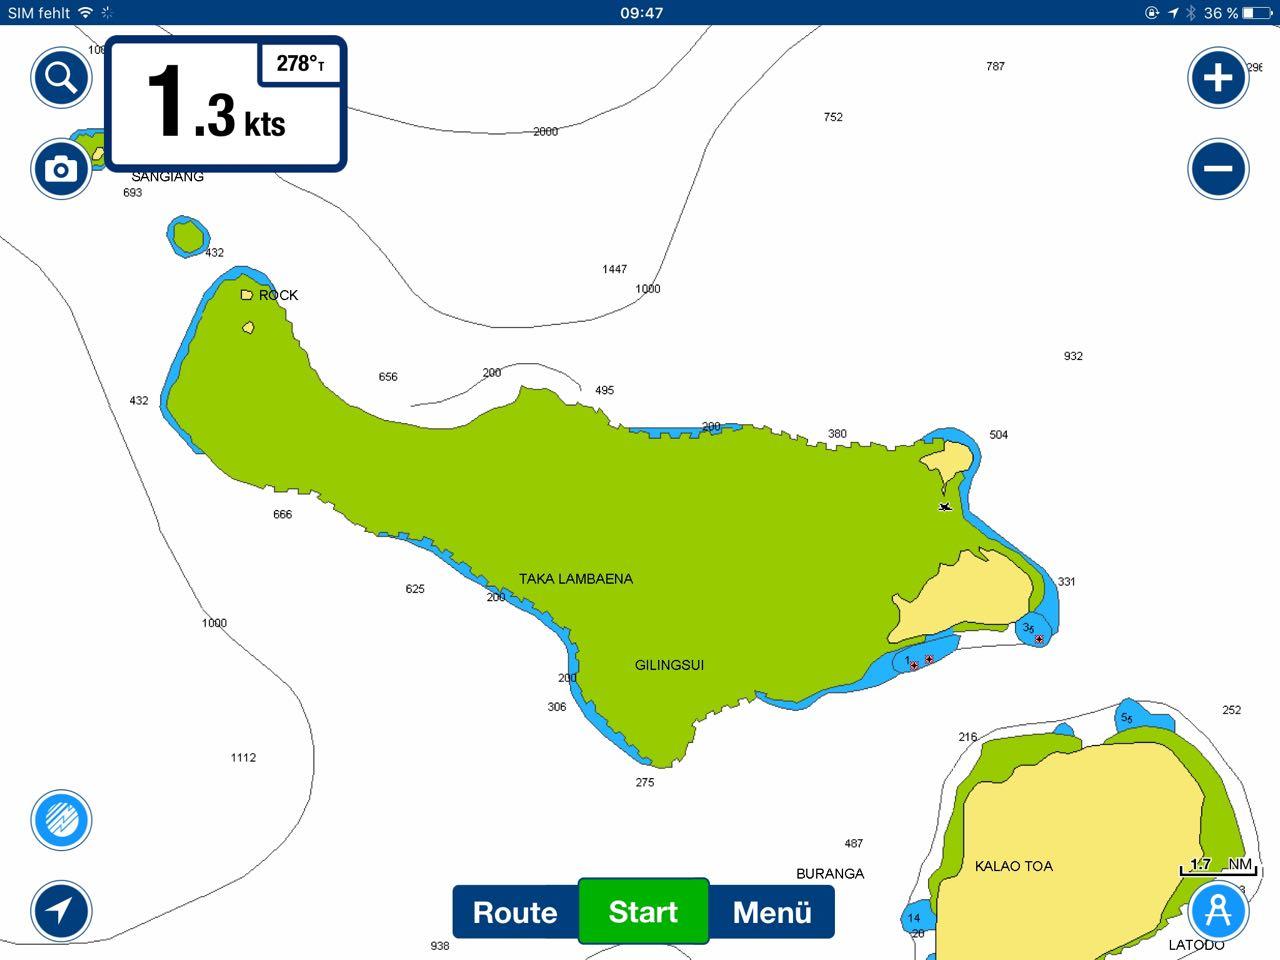 Die Lagune von Karompa Lompo ist laut den Karten von Navionics und iSailor nicht befahrbar.s